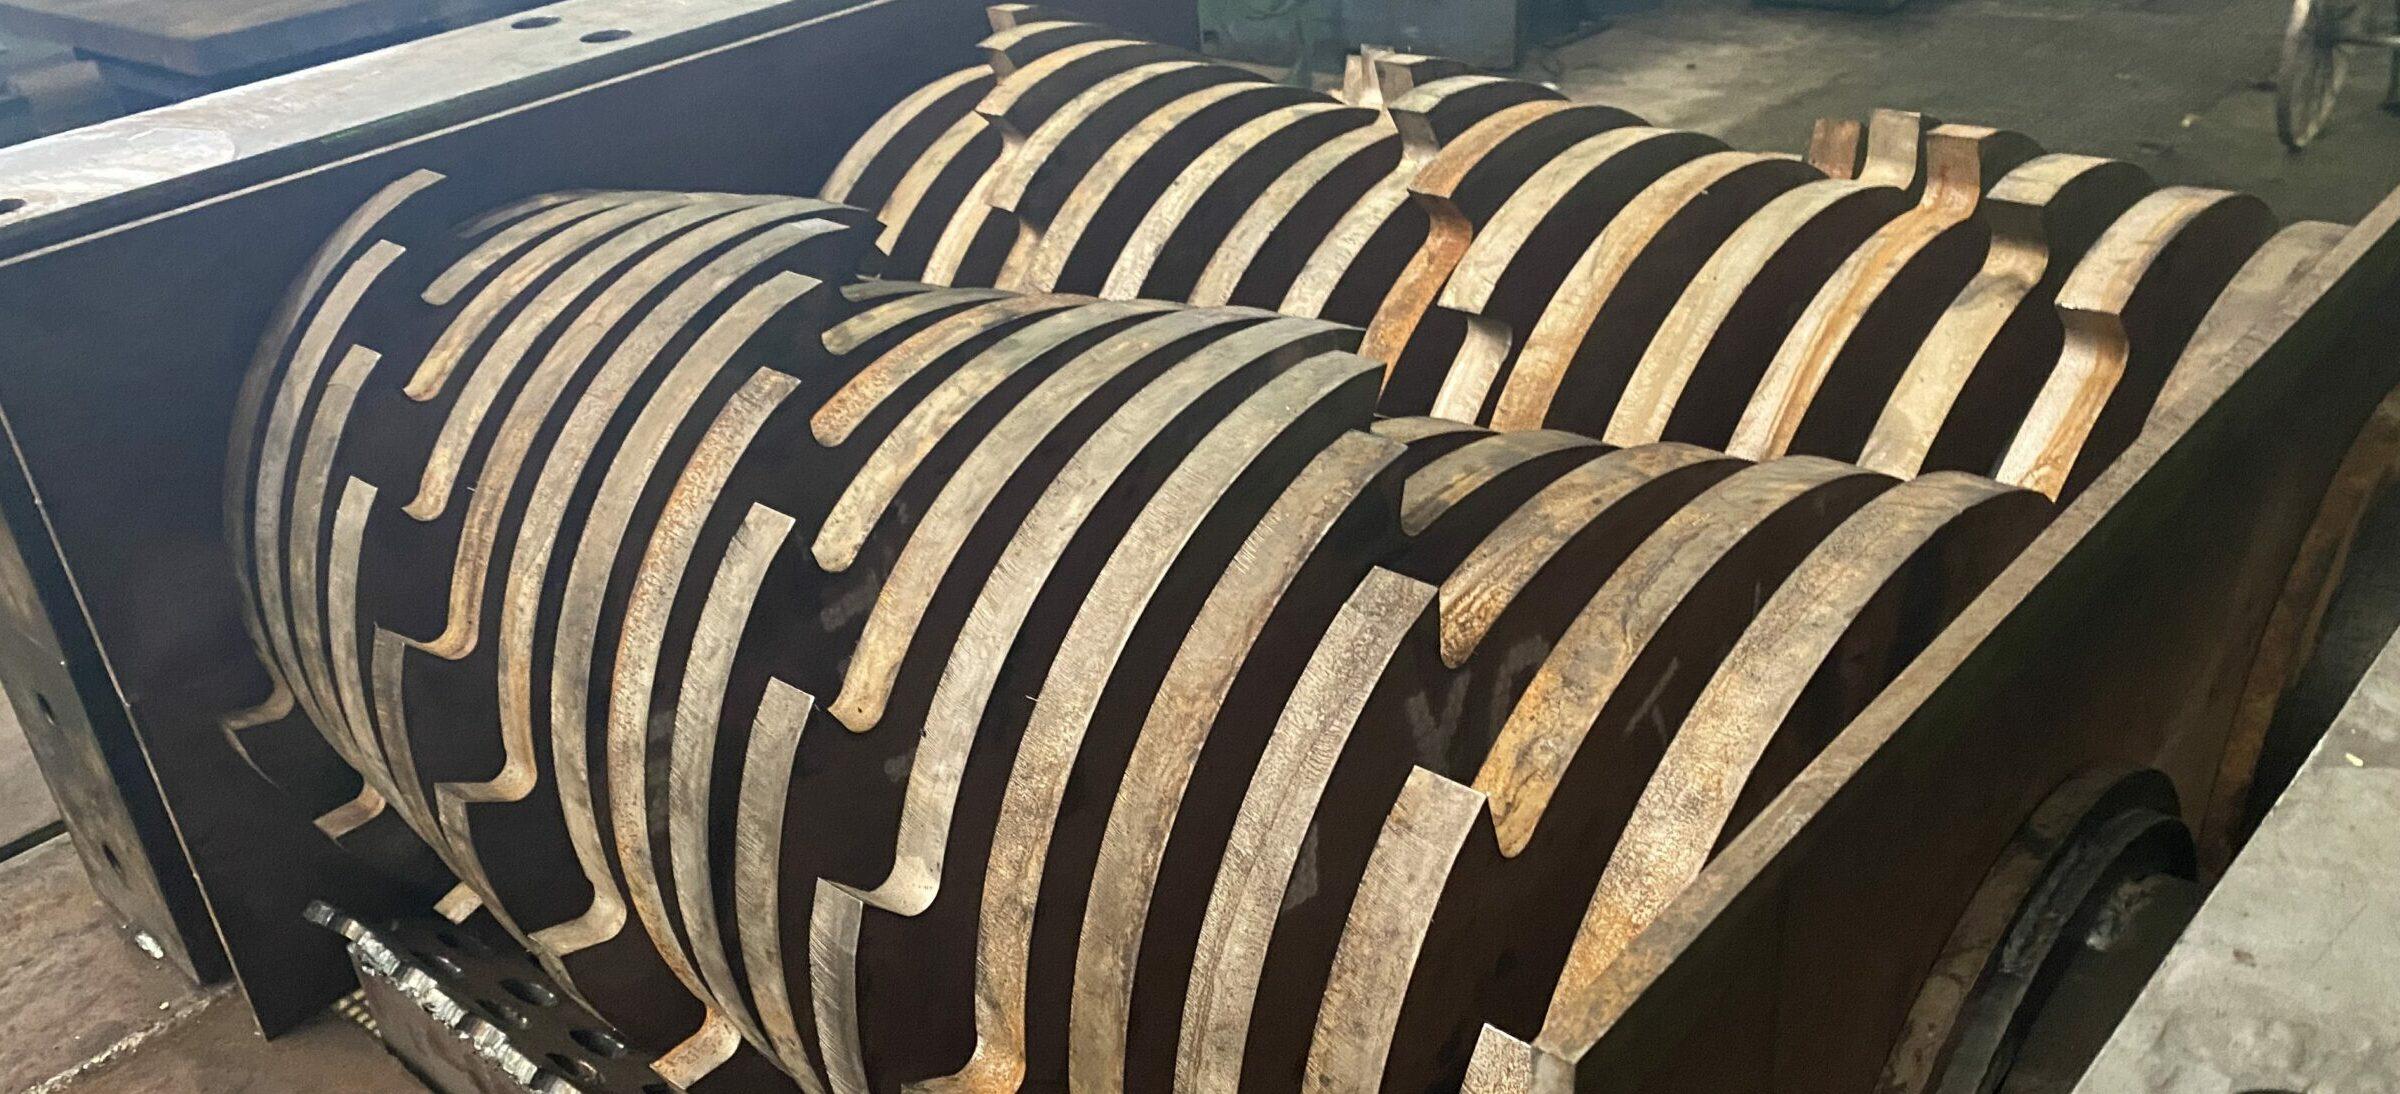 Оборудование для переработки шин — Каталог запасных частей